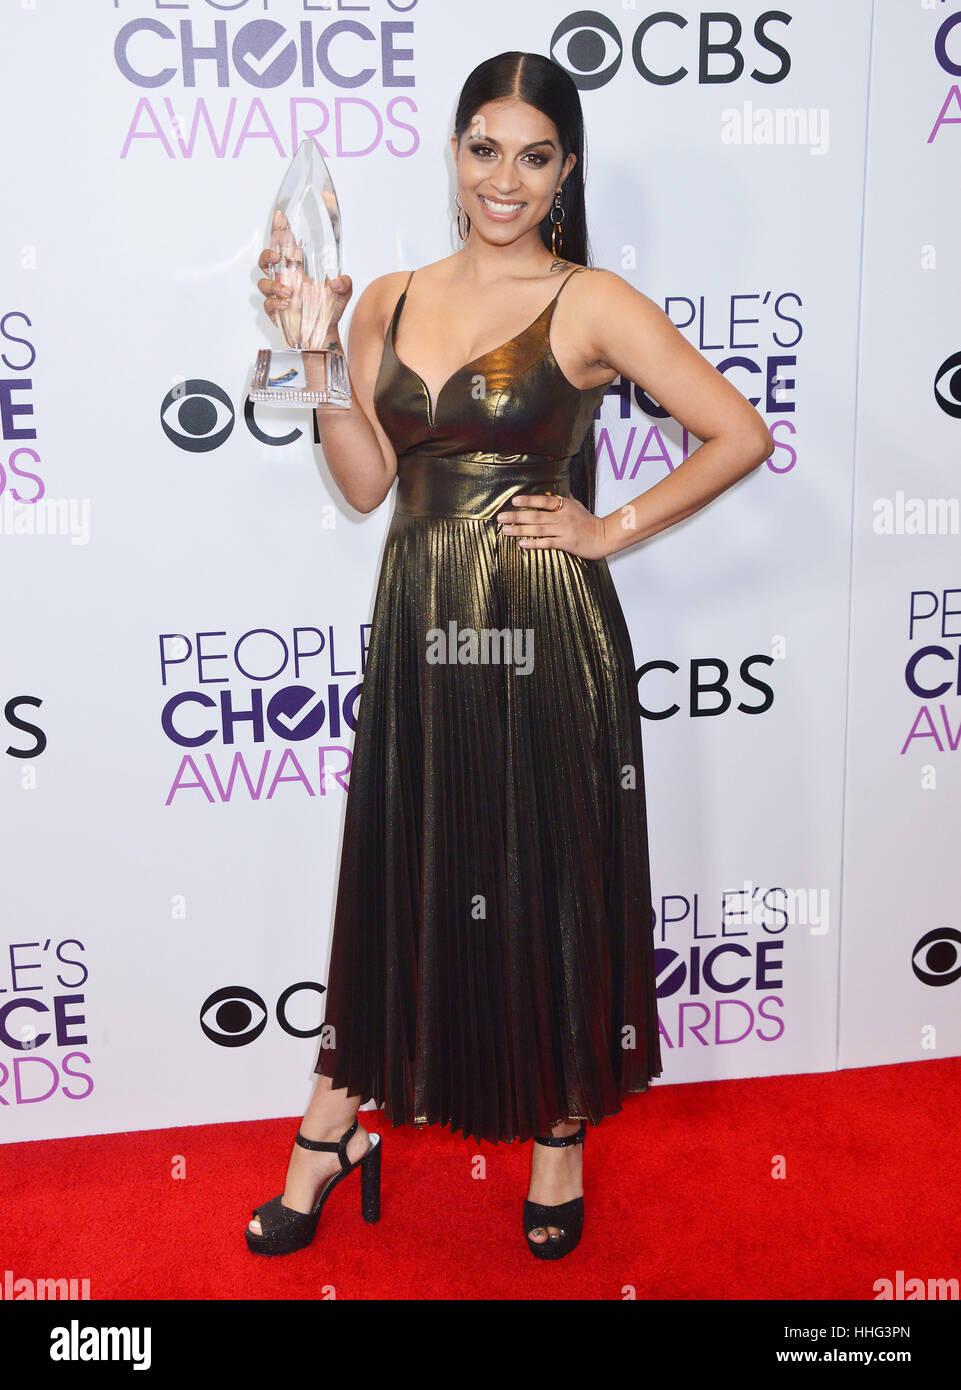 Lilly Singh 269 das Volk Wahl Auszeichnungen 2017 an die Microsoft-Theatre in Los Angeles angekommen. 18. Januar Stockfoto